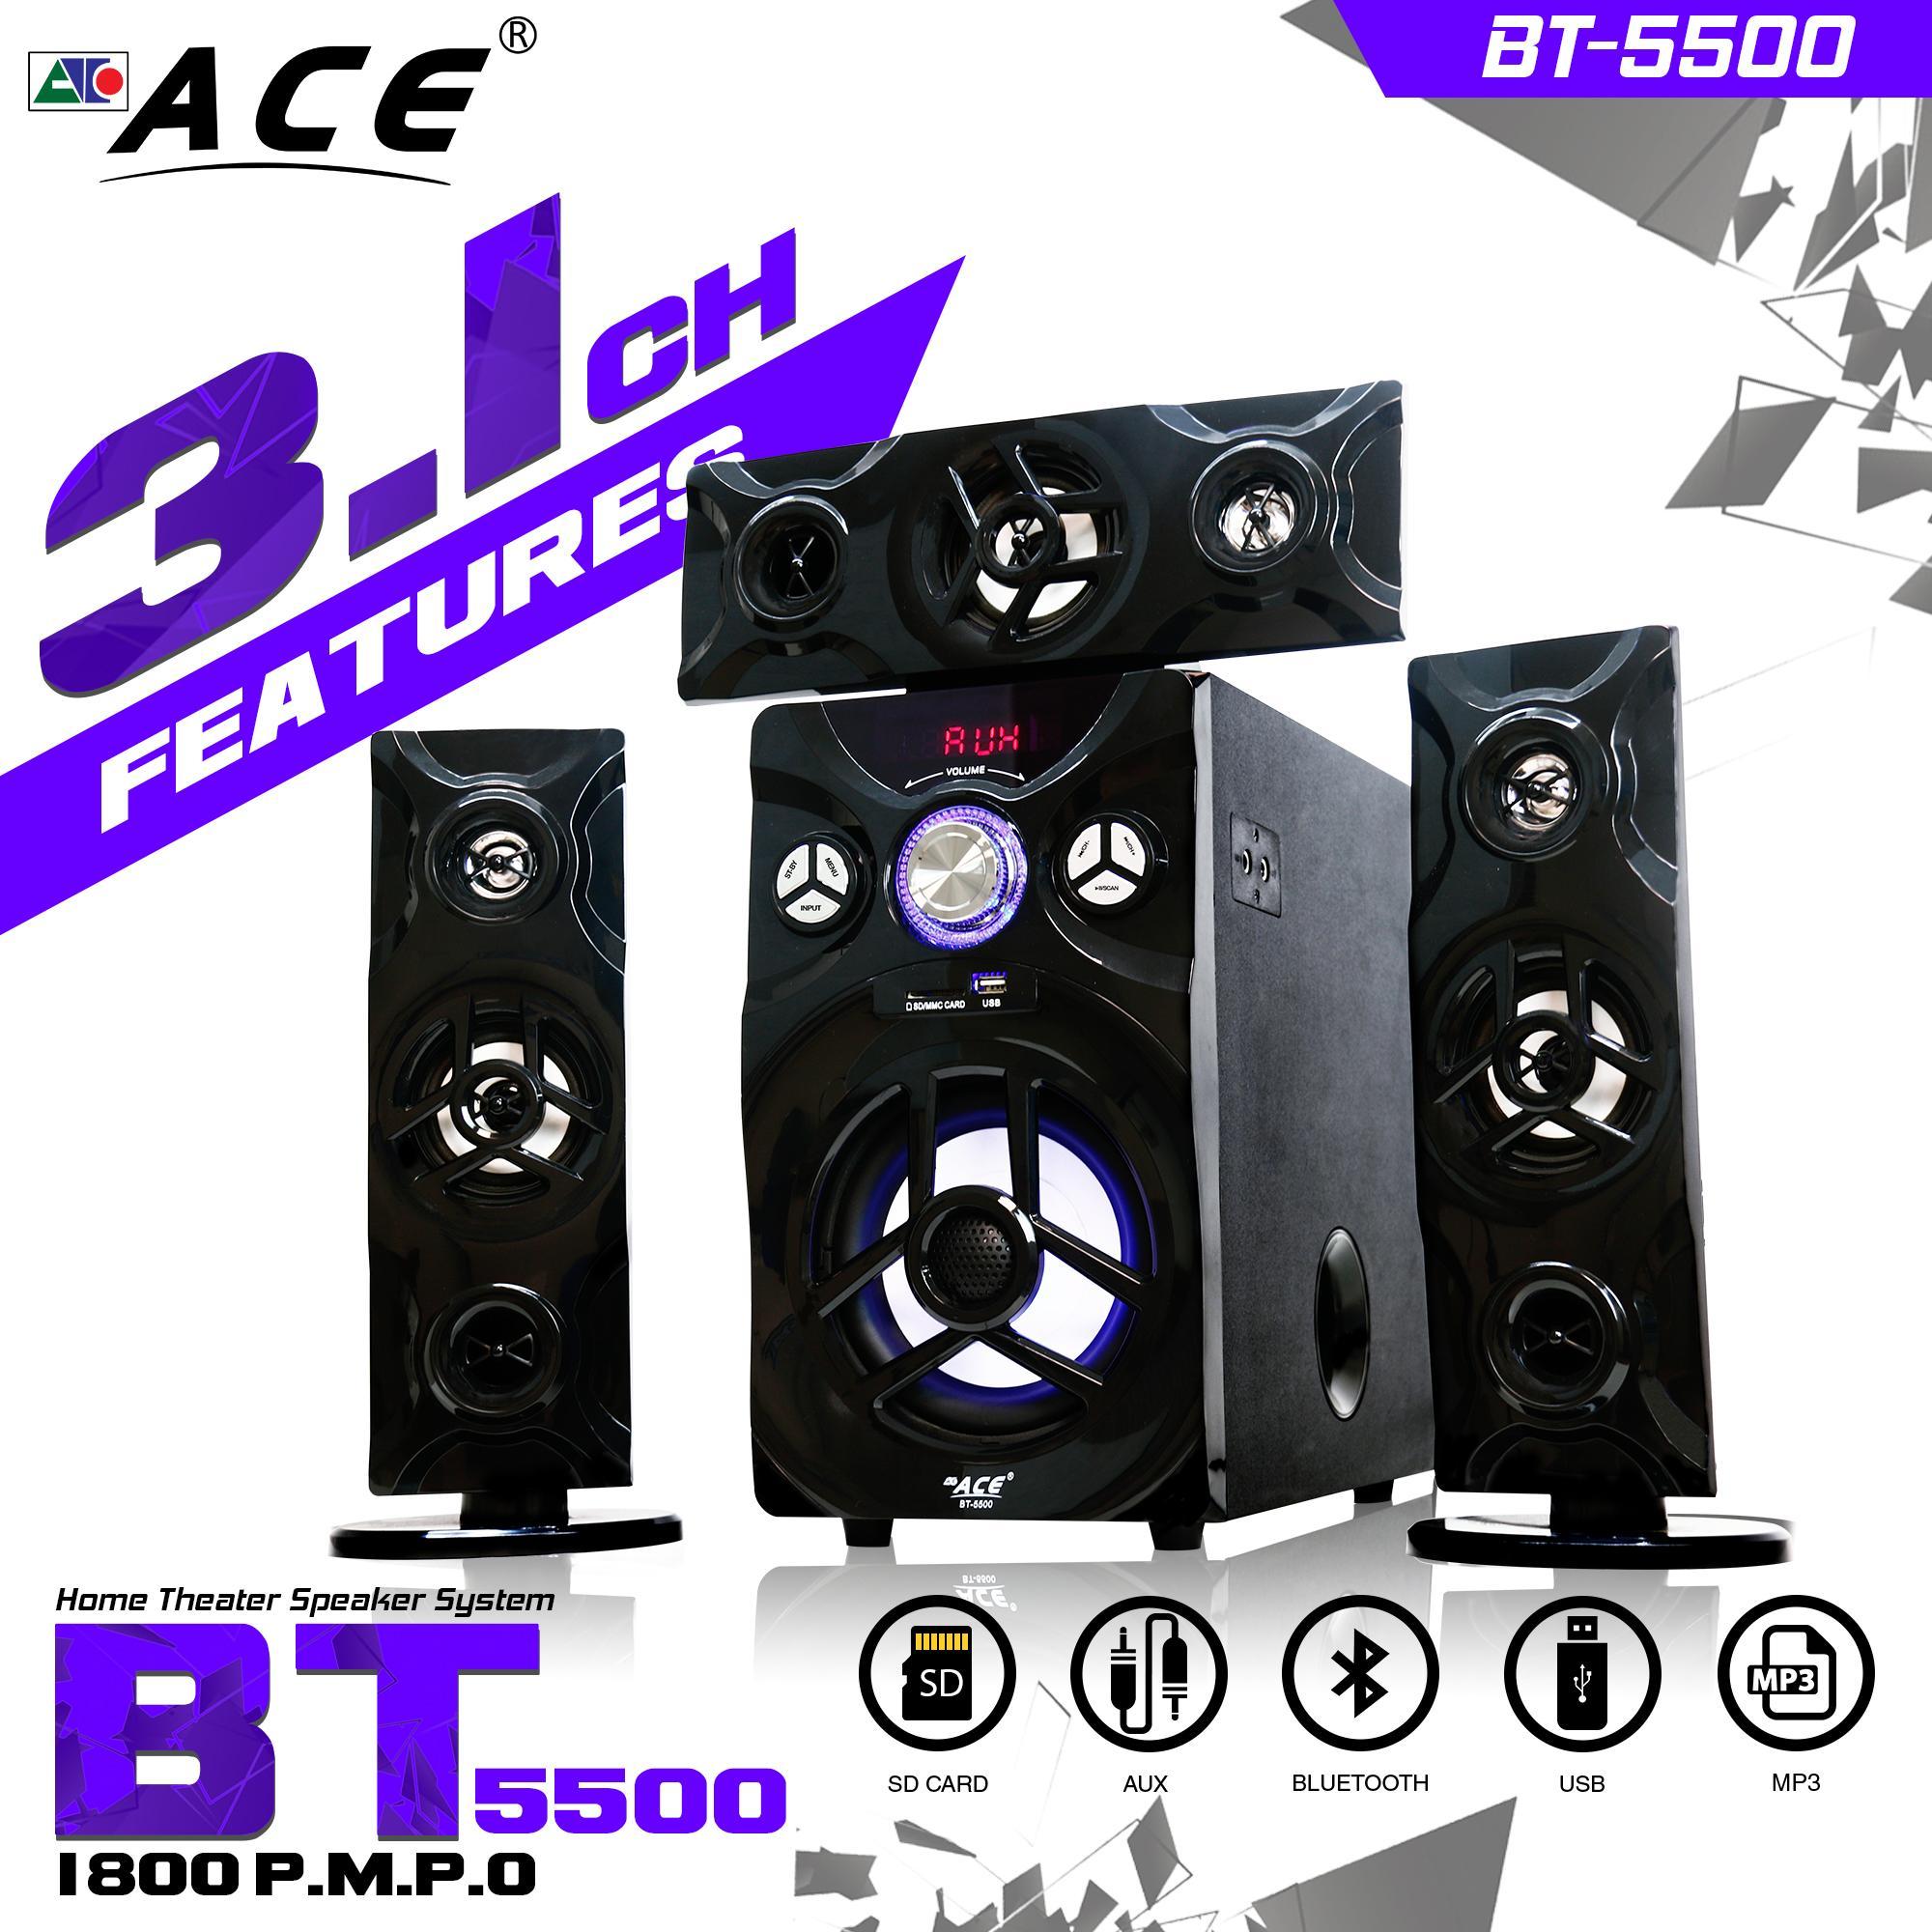 Subwoofer For Sale Speaker Prices Brands Specs In Ev Eliminator Wiring Diagram Ace Bt 5500 31 Multimedia Sub Woofer Bluetooth System